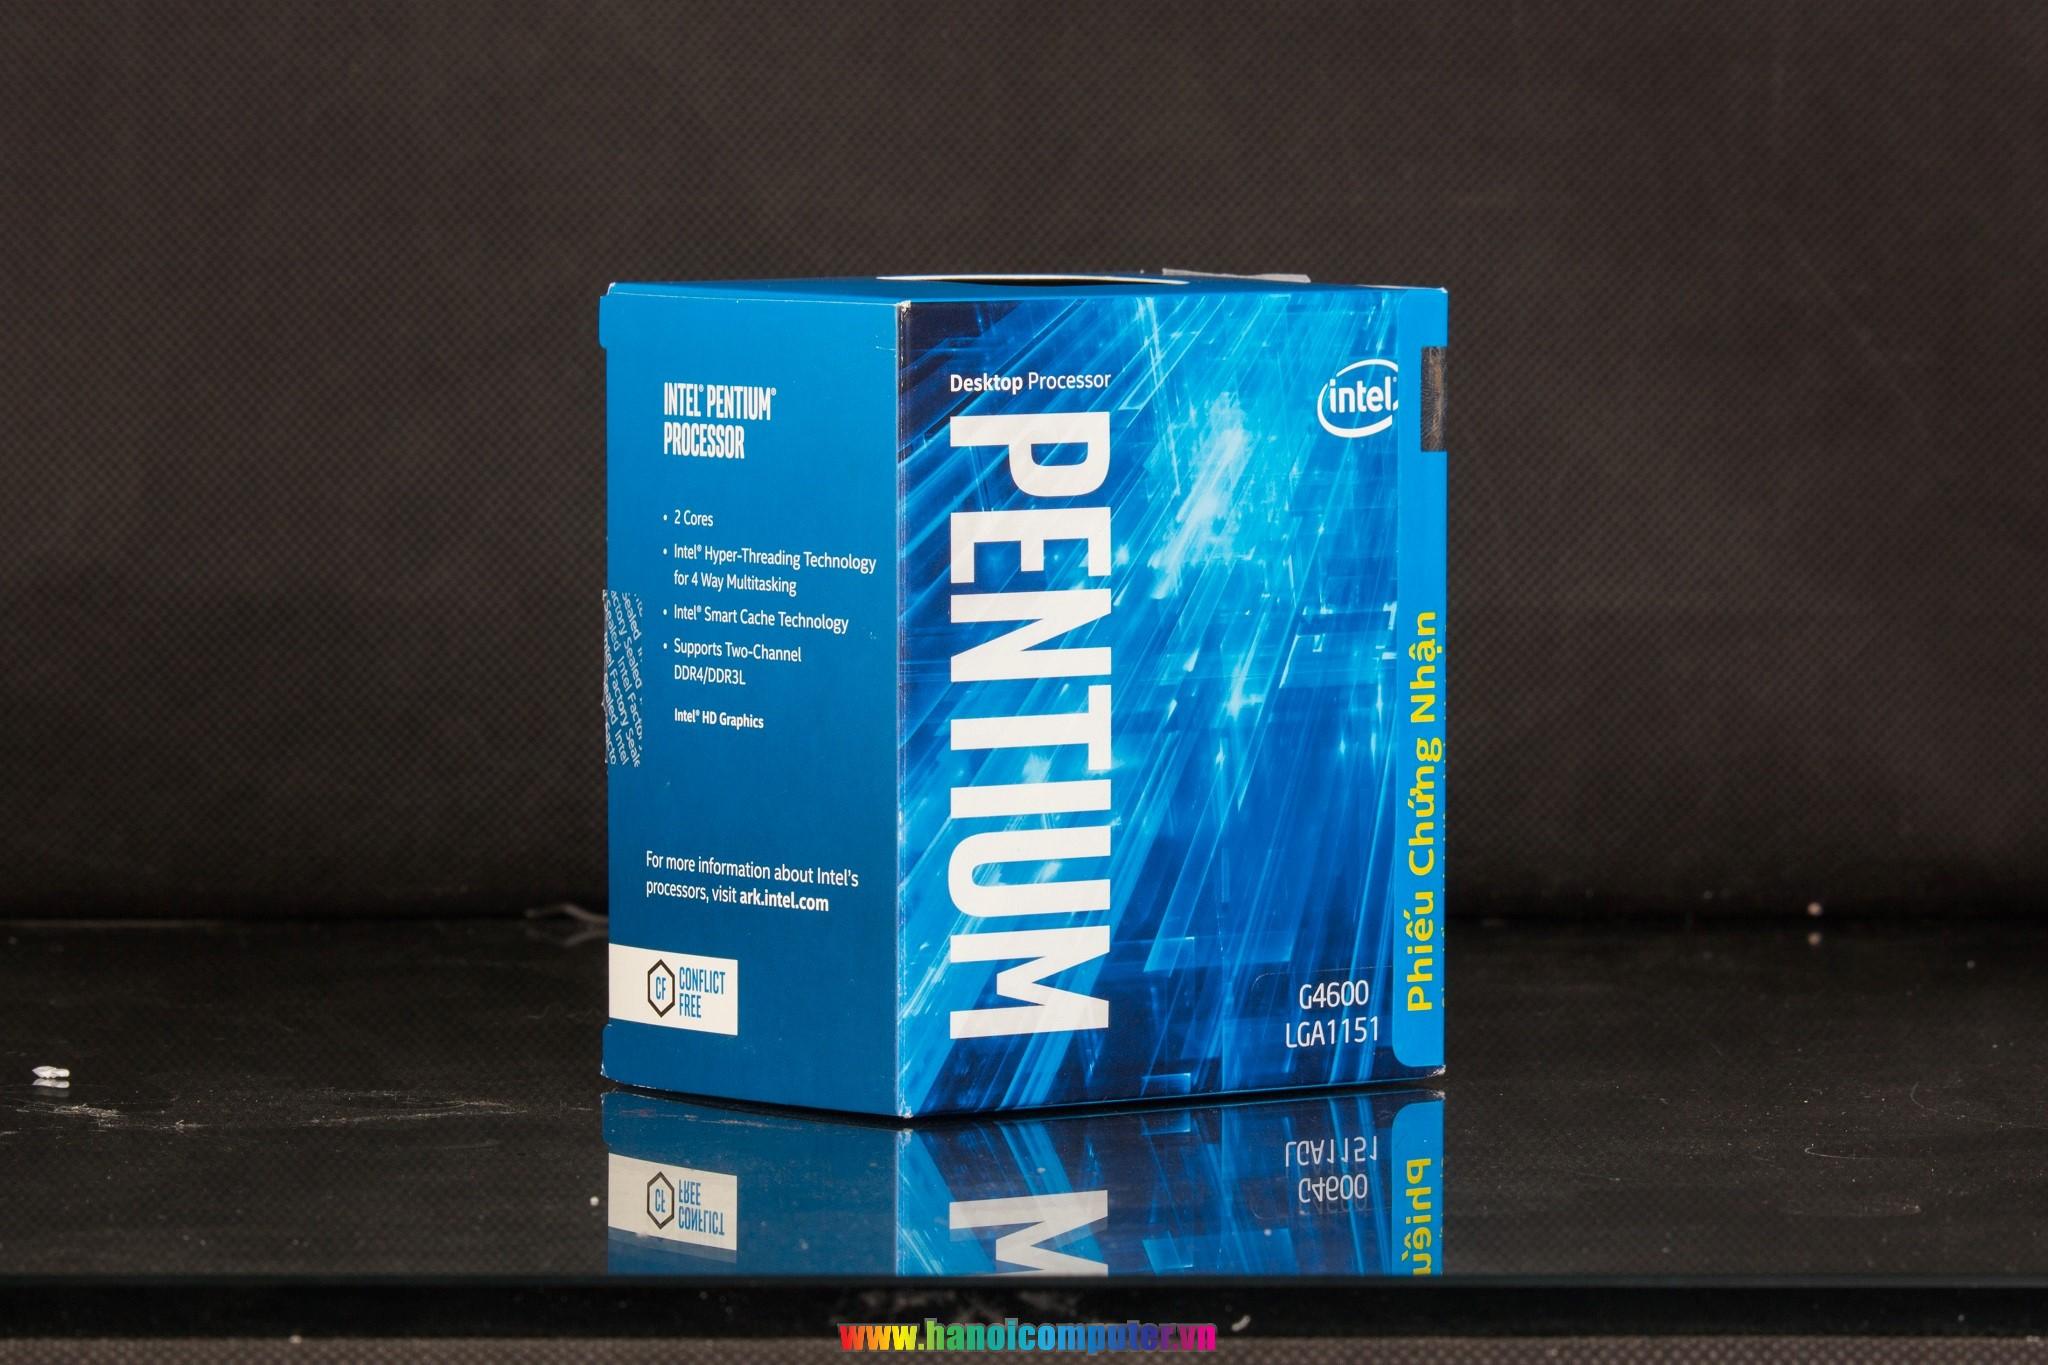 Gi Gy Bo Deal Khuynh O Gim Ti 1600000 Ng Cho B My Intel Pentium G4600 36ghz Kabylake Socket 1151 Y Chnh L Th H Cpu Mi Nht Ca Mt S Ci Tin Mnh M Dual Core Khng Ch N Thun Hai Nhn Nh